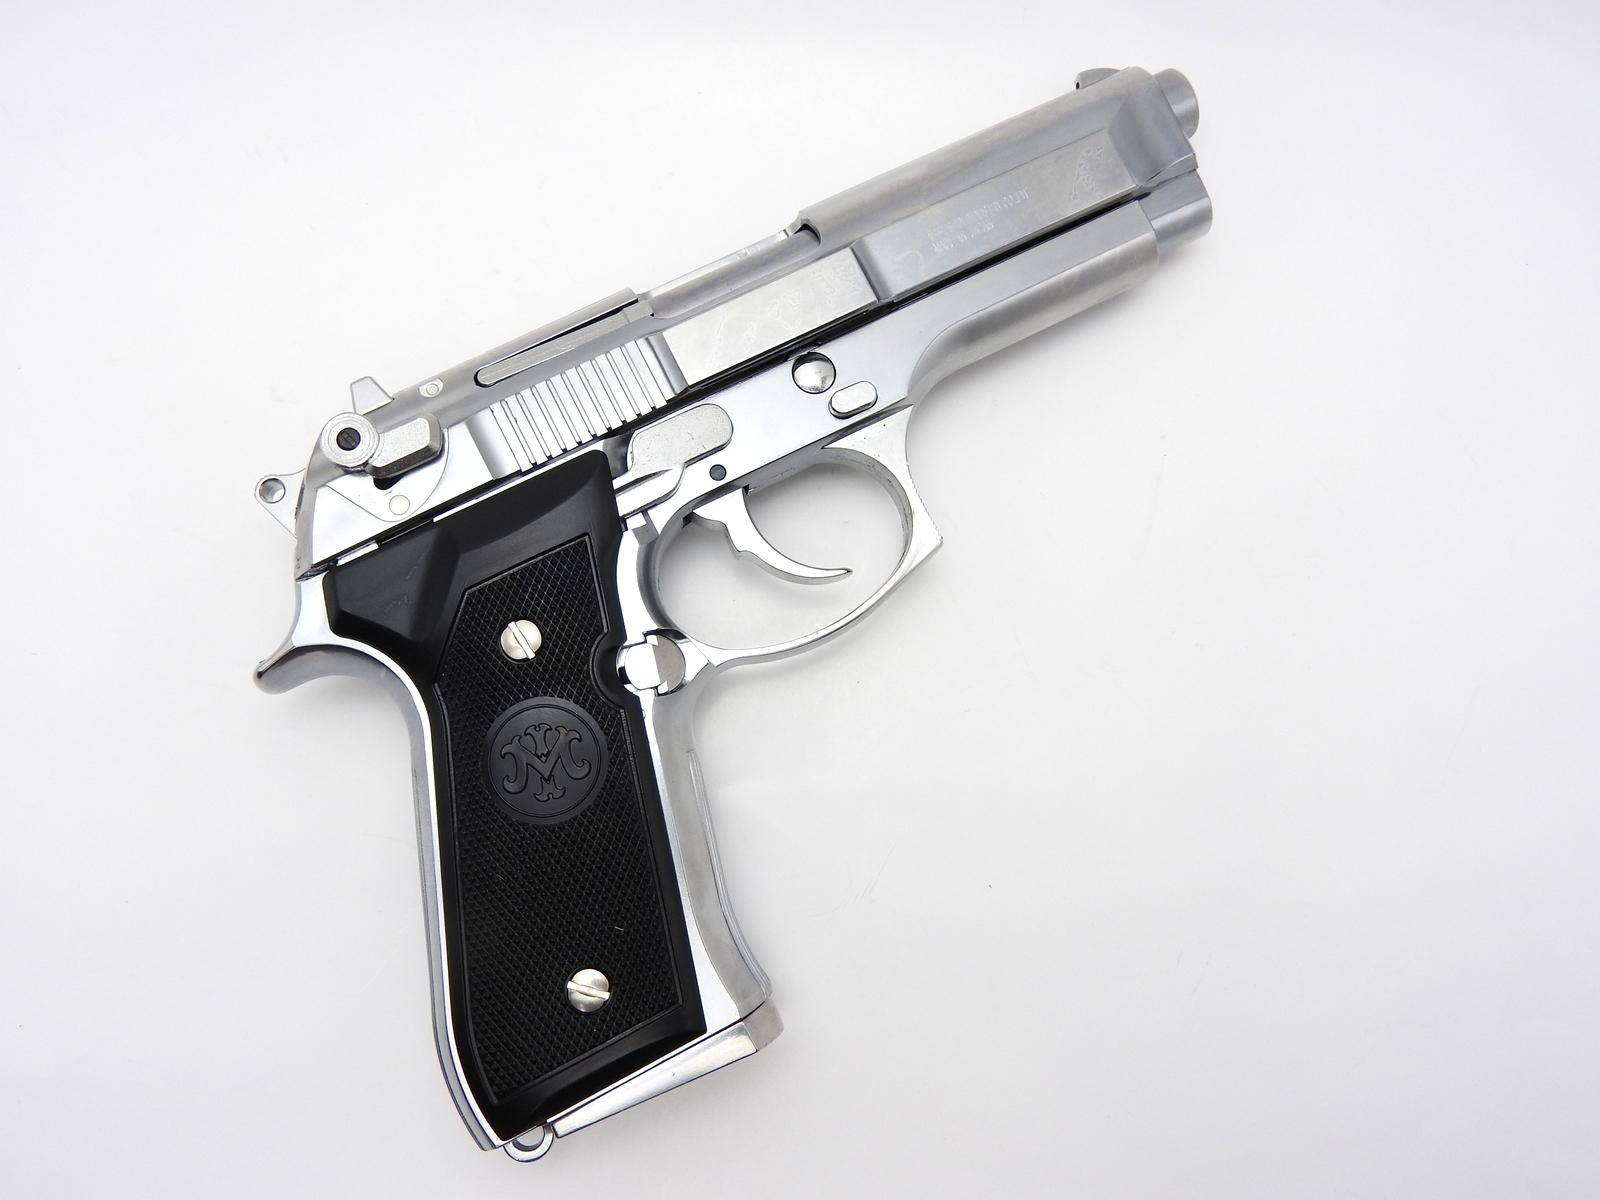 マルシン US M9 ドルフィン シルバー ABS 発火モデルガン ブローバック 完成品